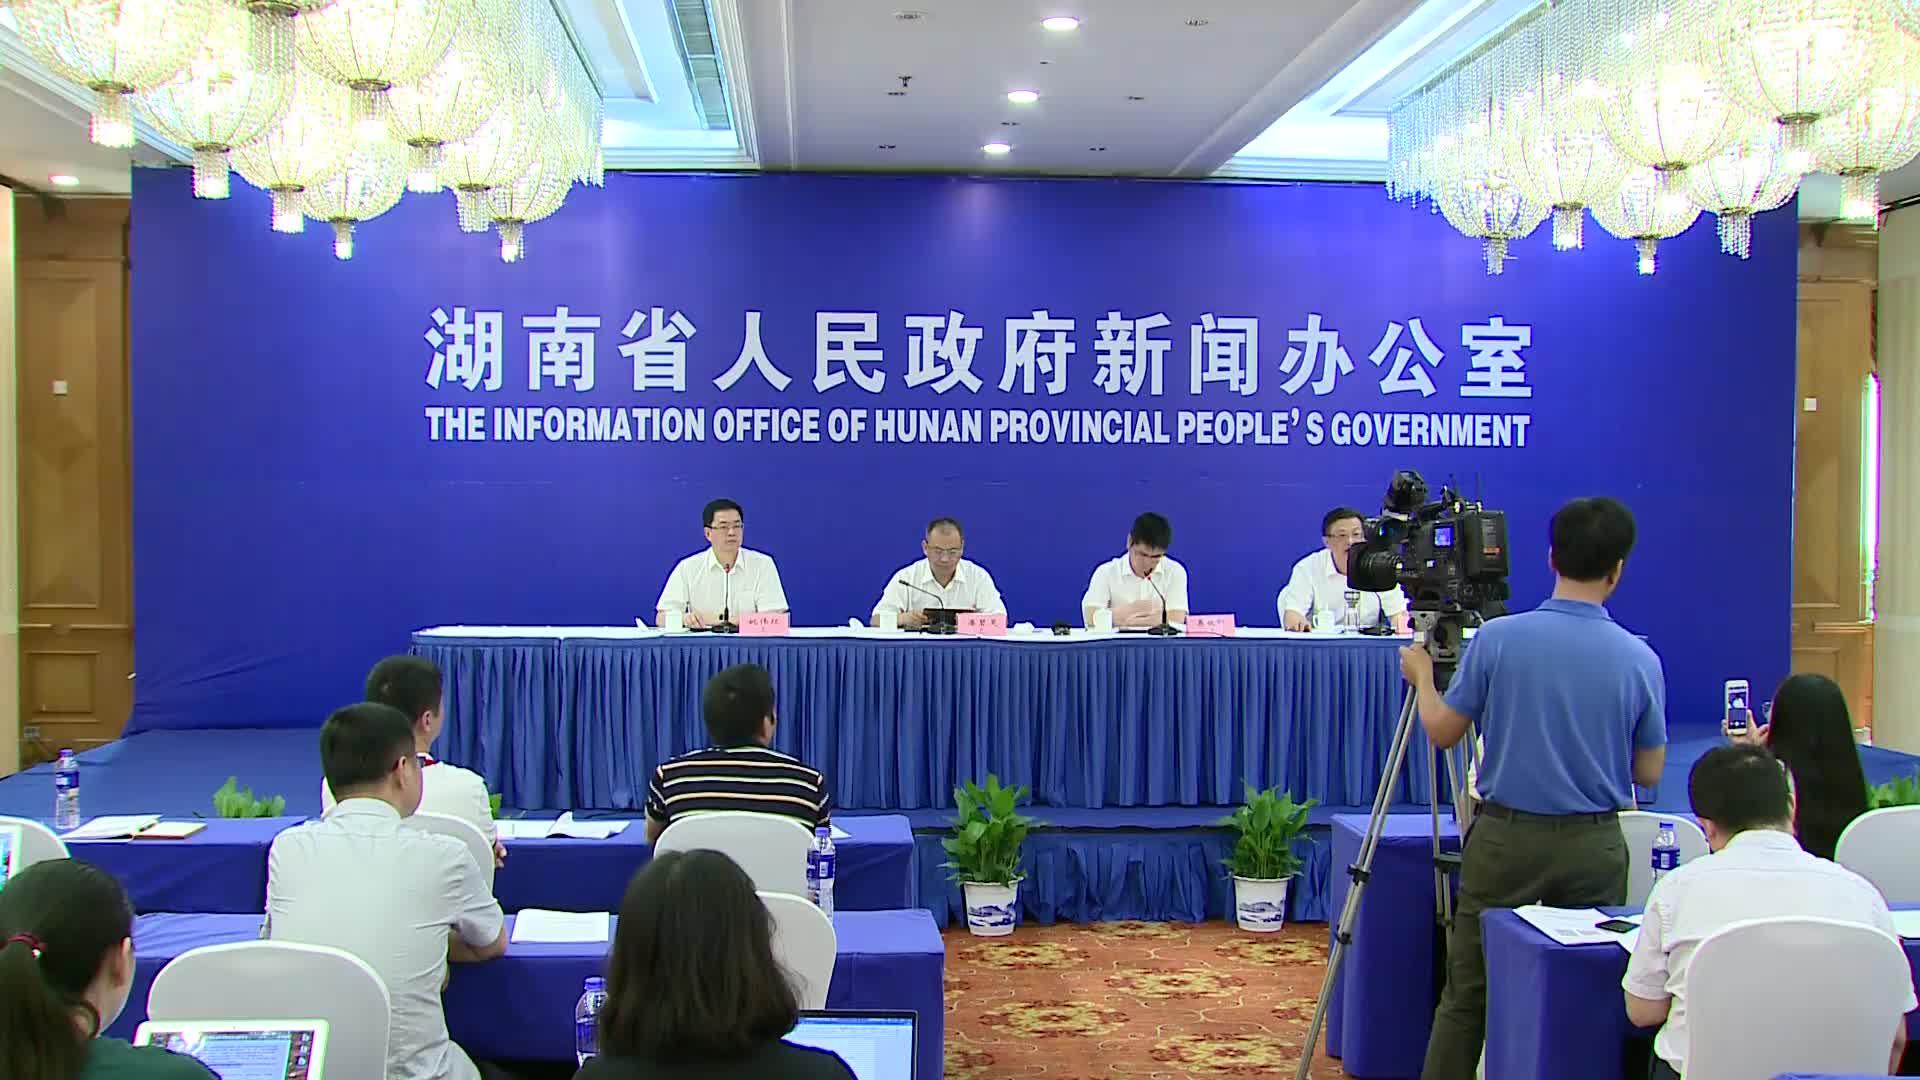 【全程回放】湖南省生态环境保护工作和推行河长制有关情况新闻发布会